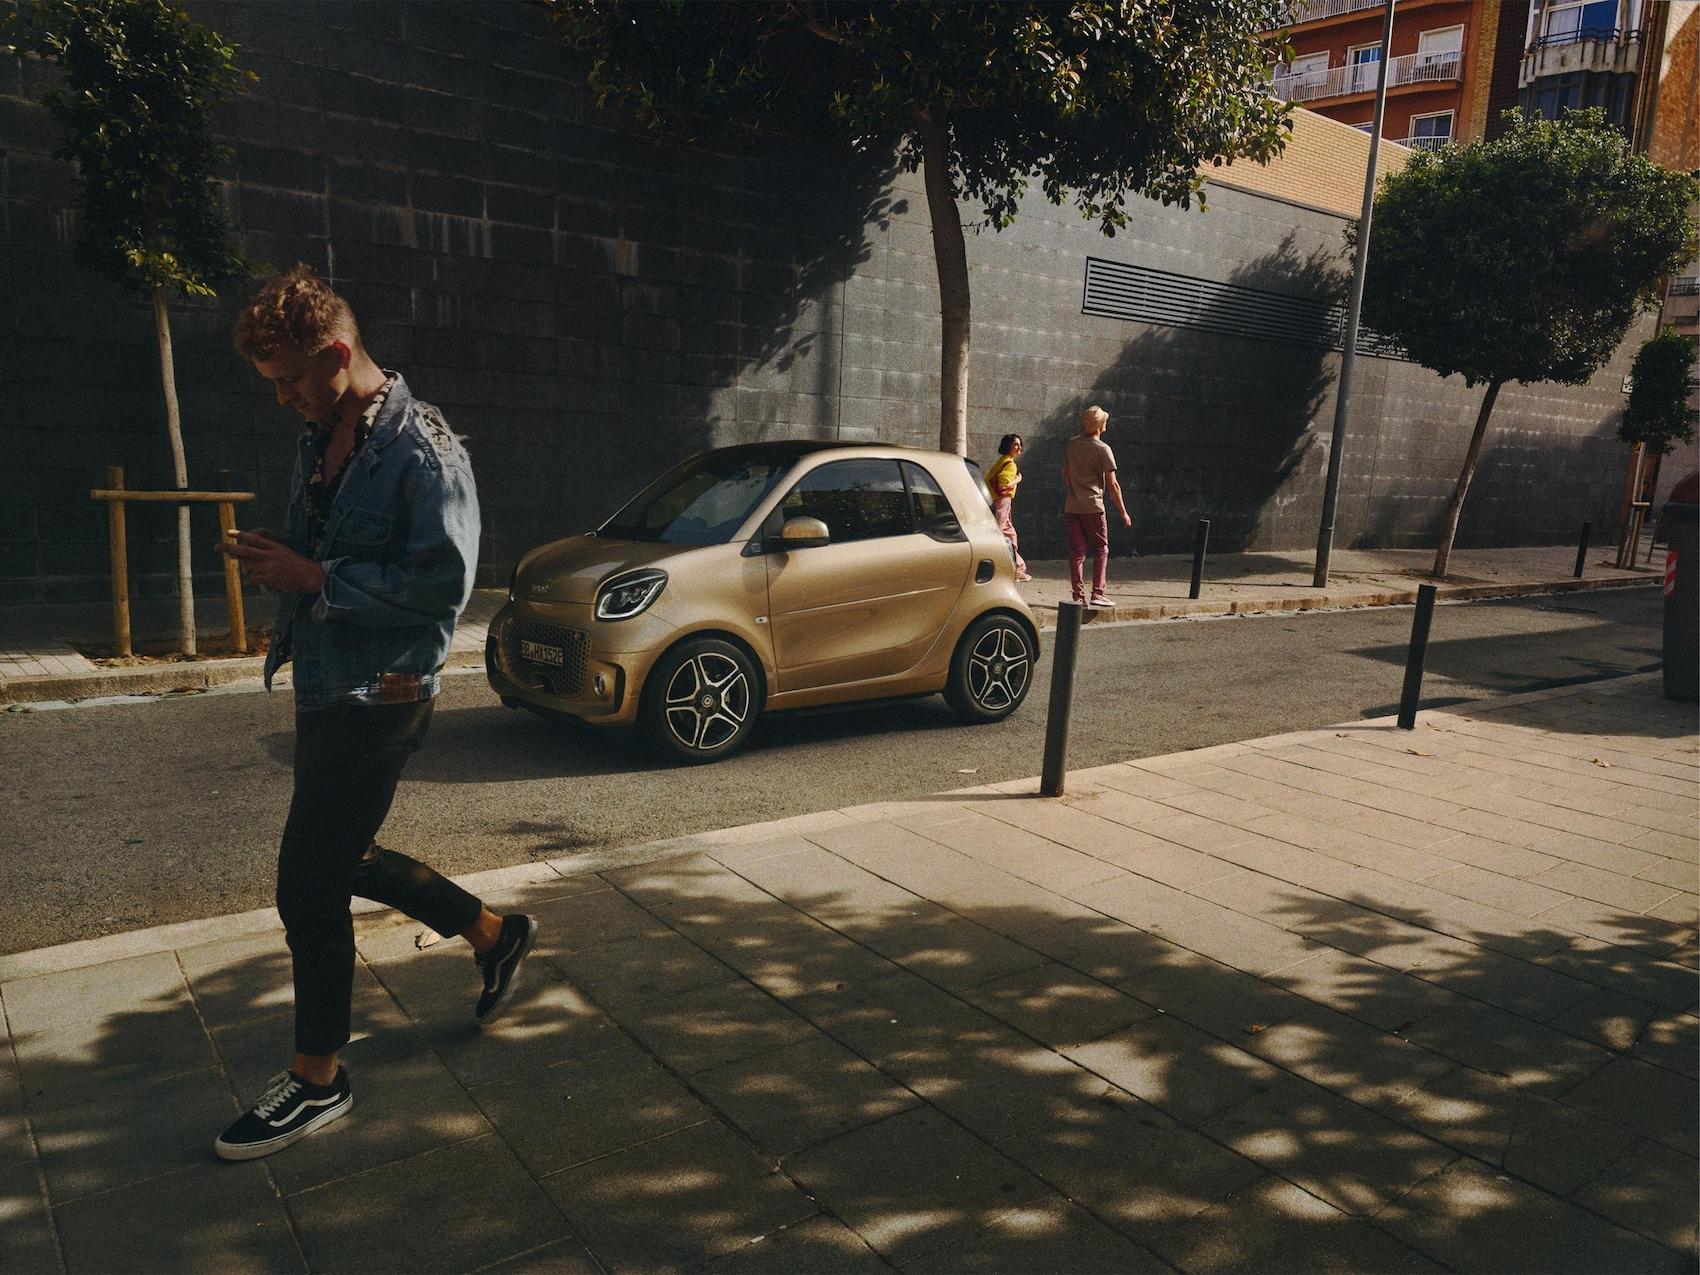 Une smart EQ fortwo sur la route avec des piétons.